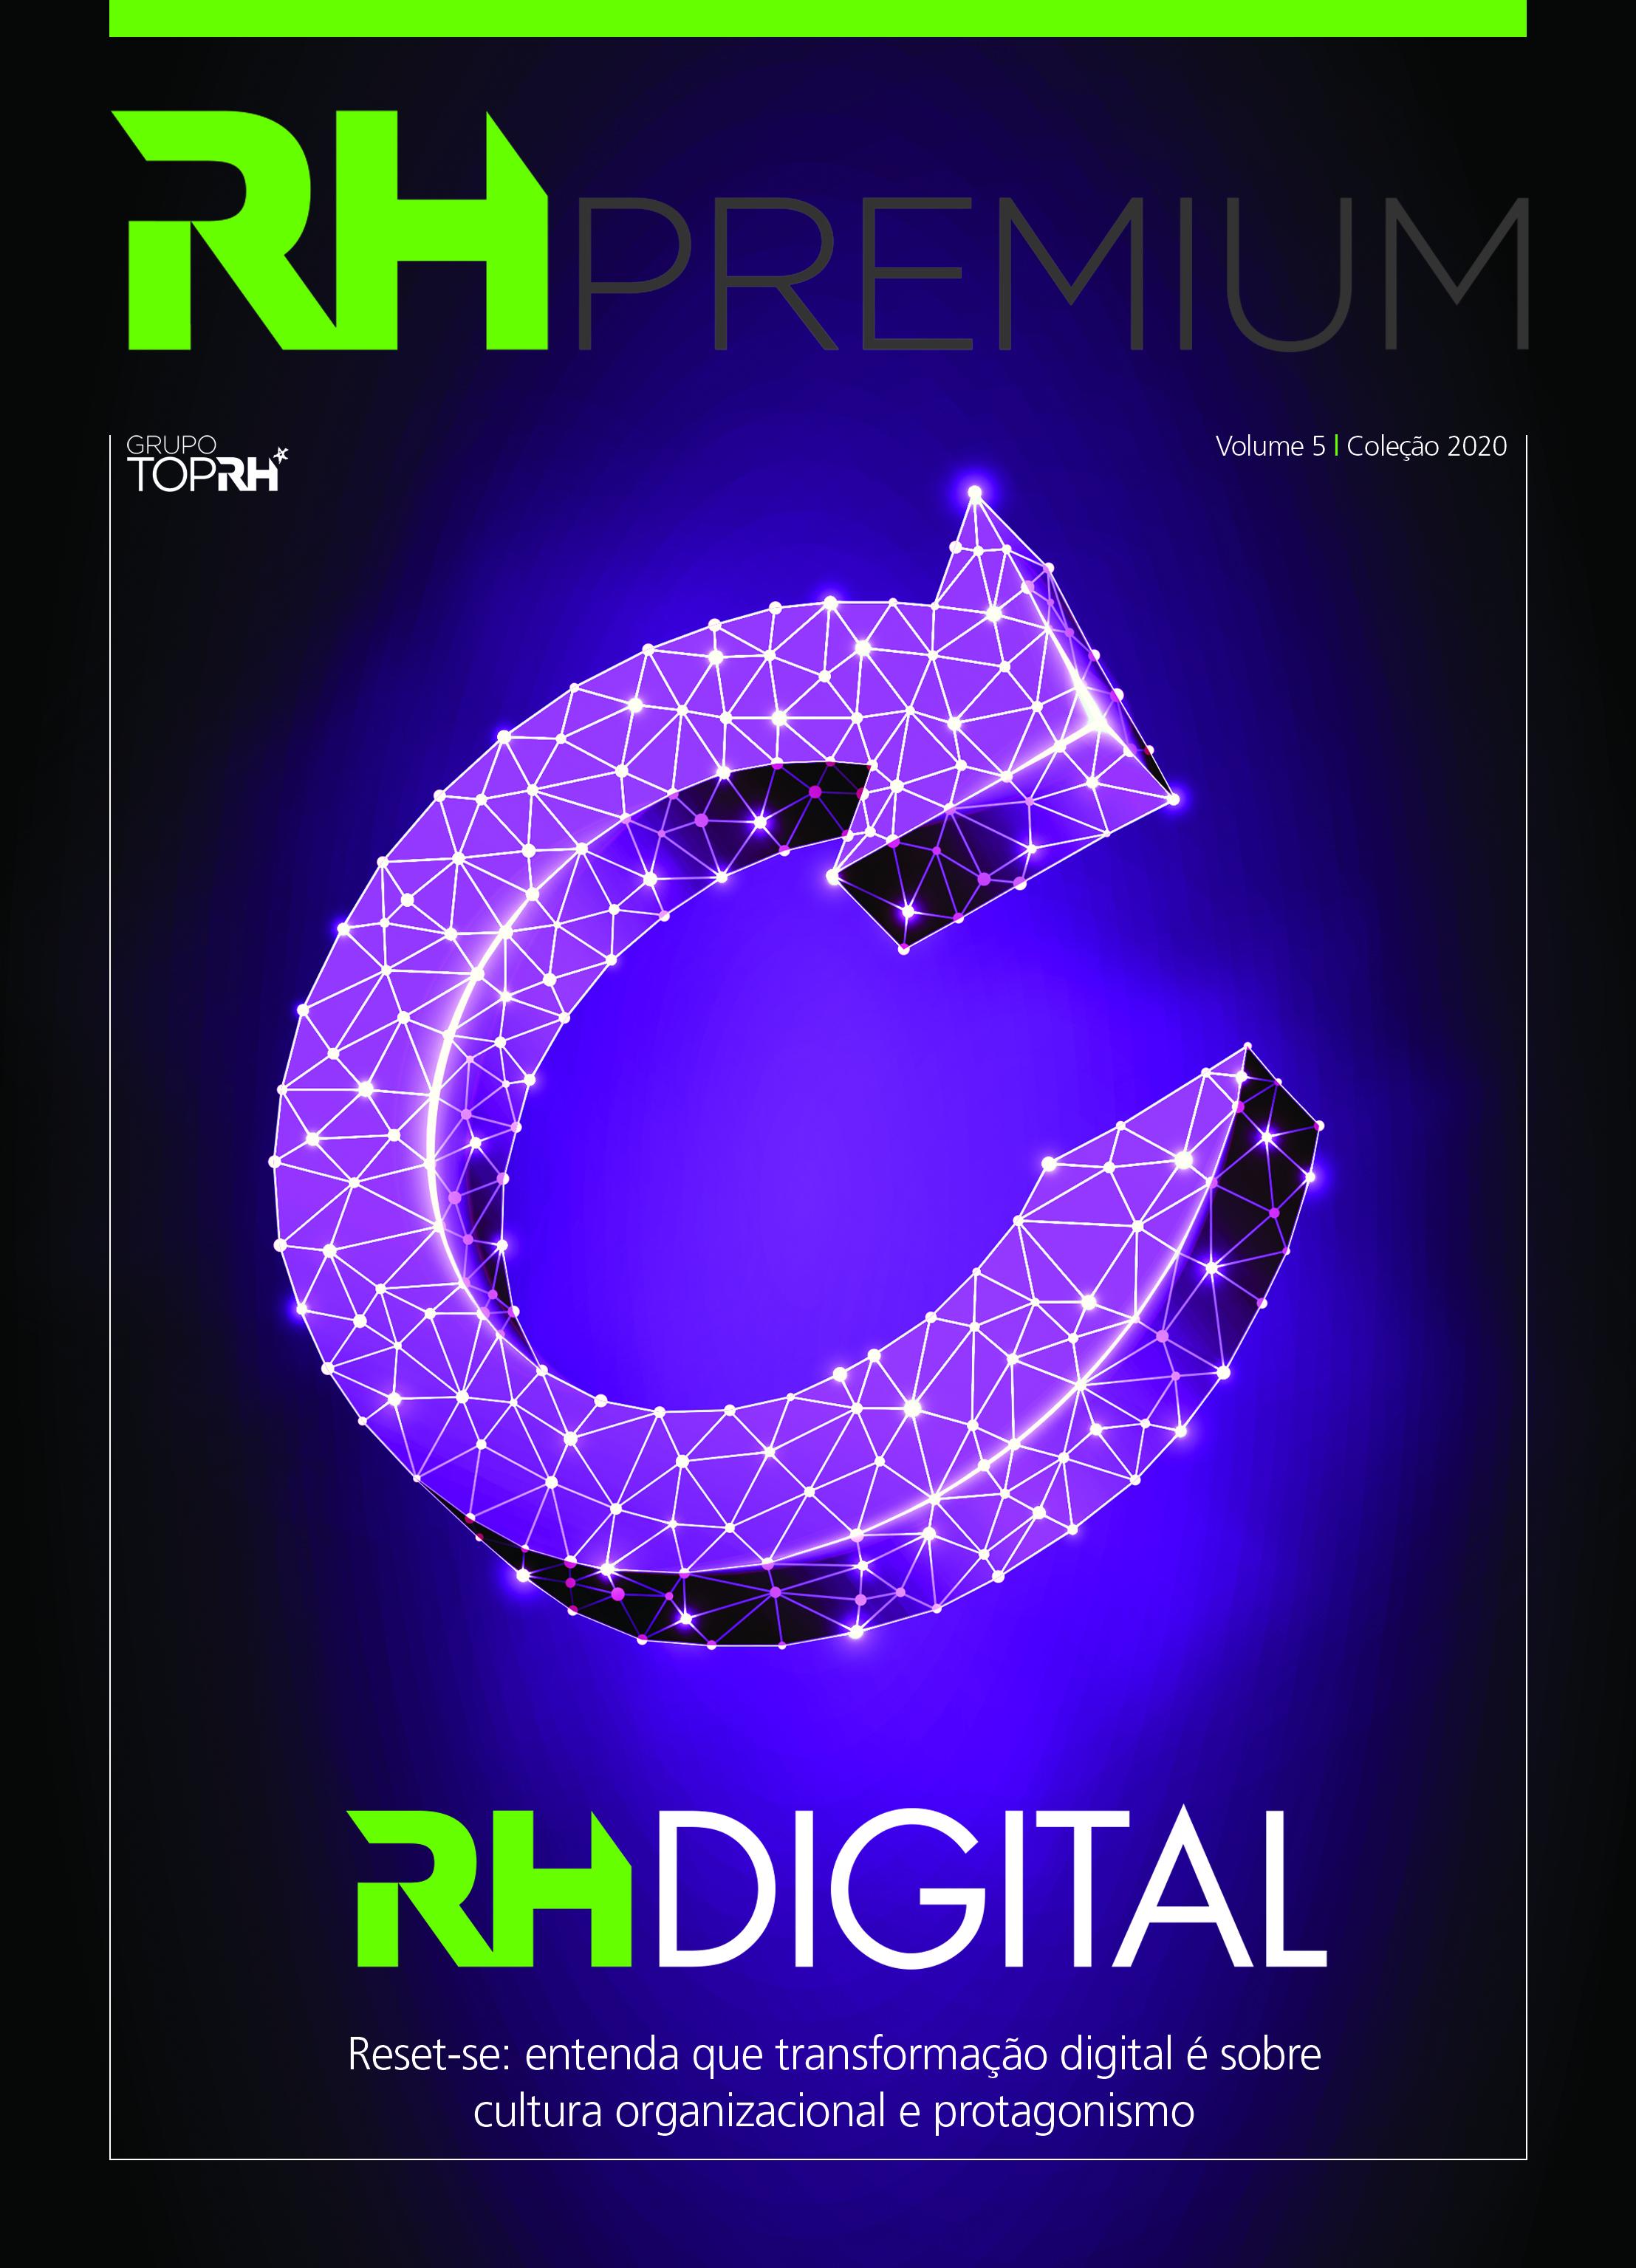 RH Digital